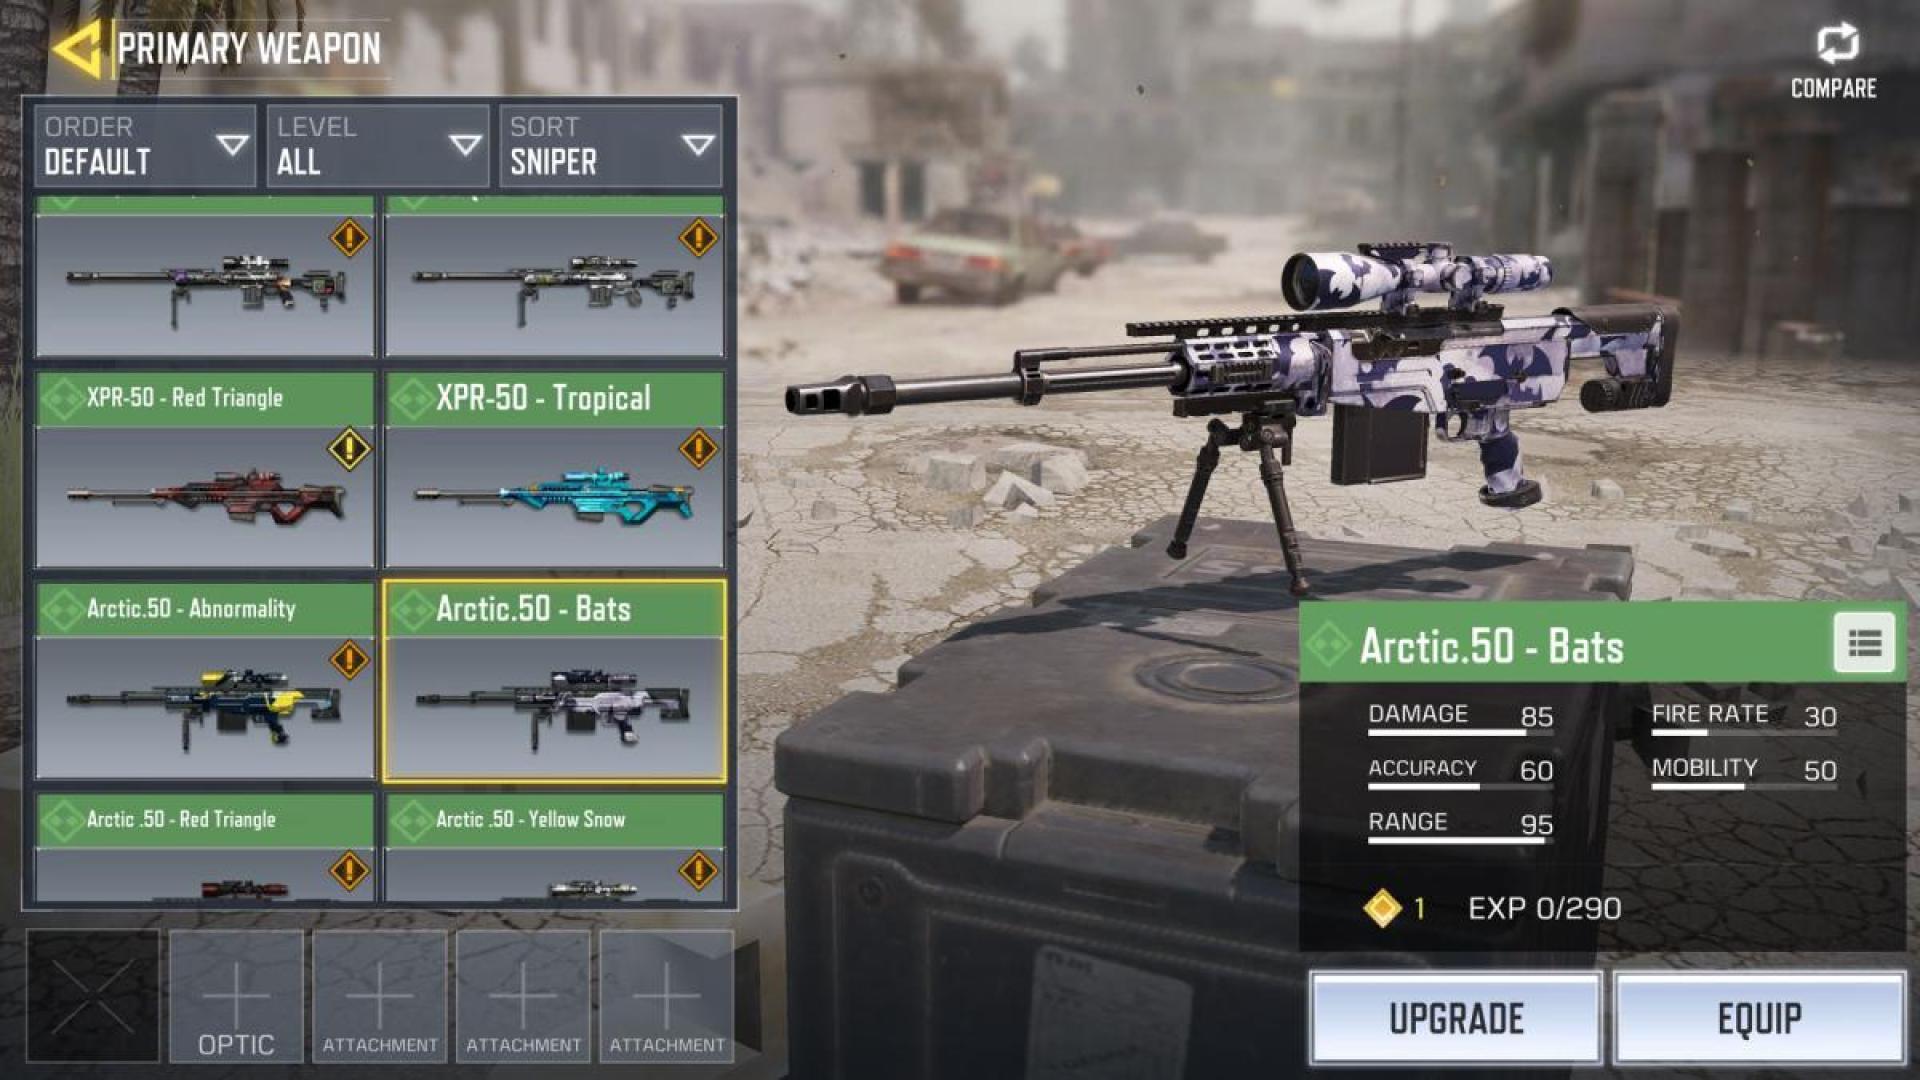 スナイパーライフル「Arctic.50」